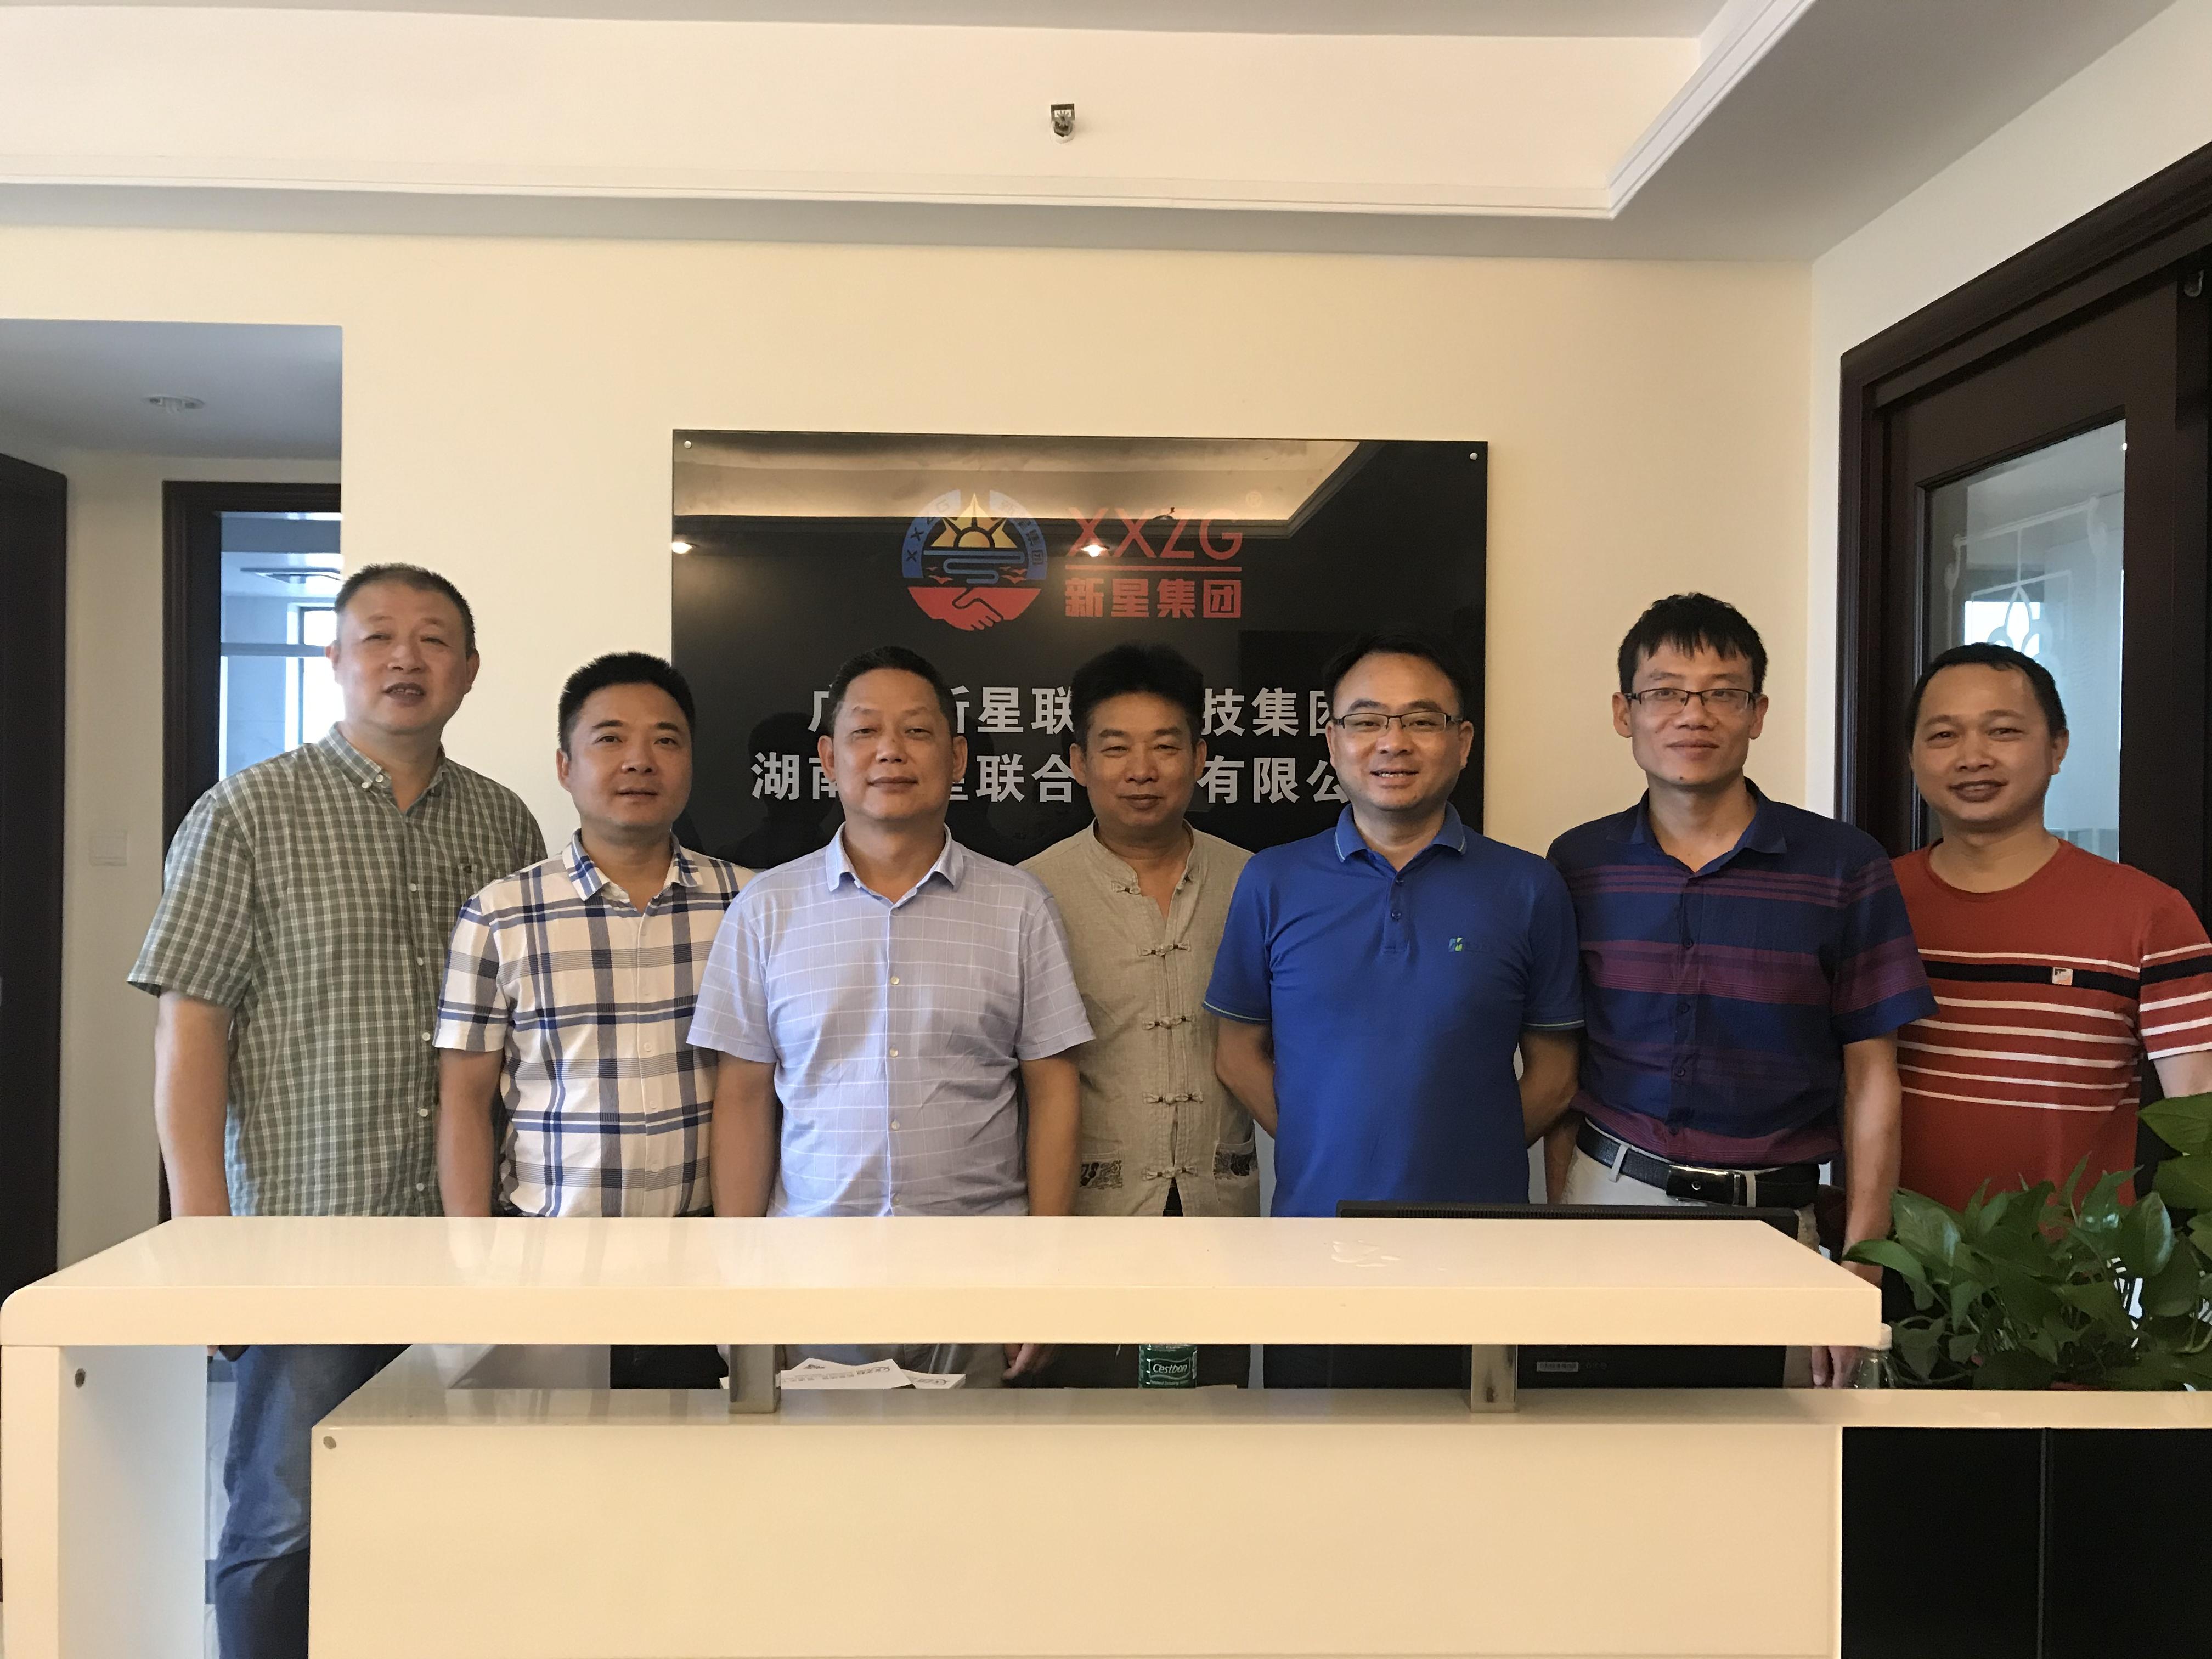 """冉冉升起的新""""星""""——湖南新星联合管业有限公司"""